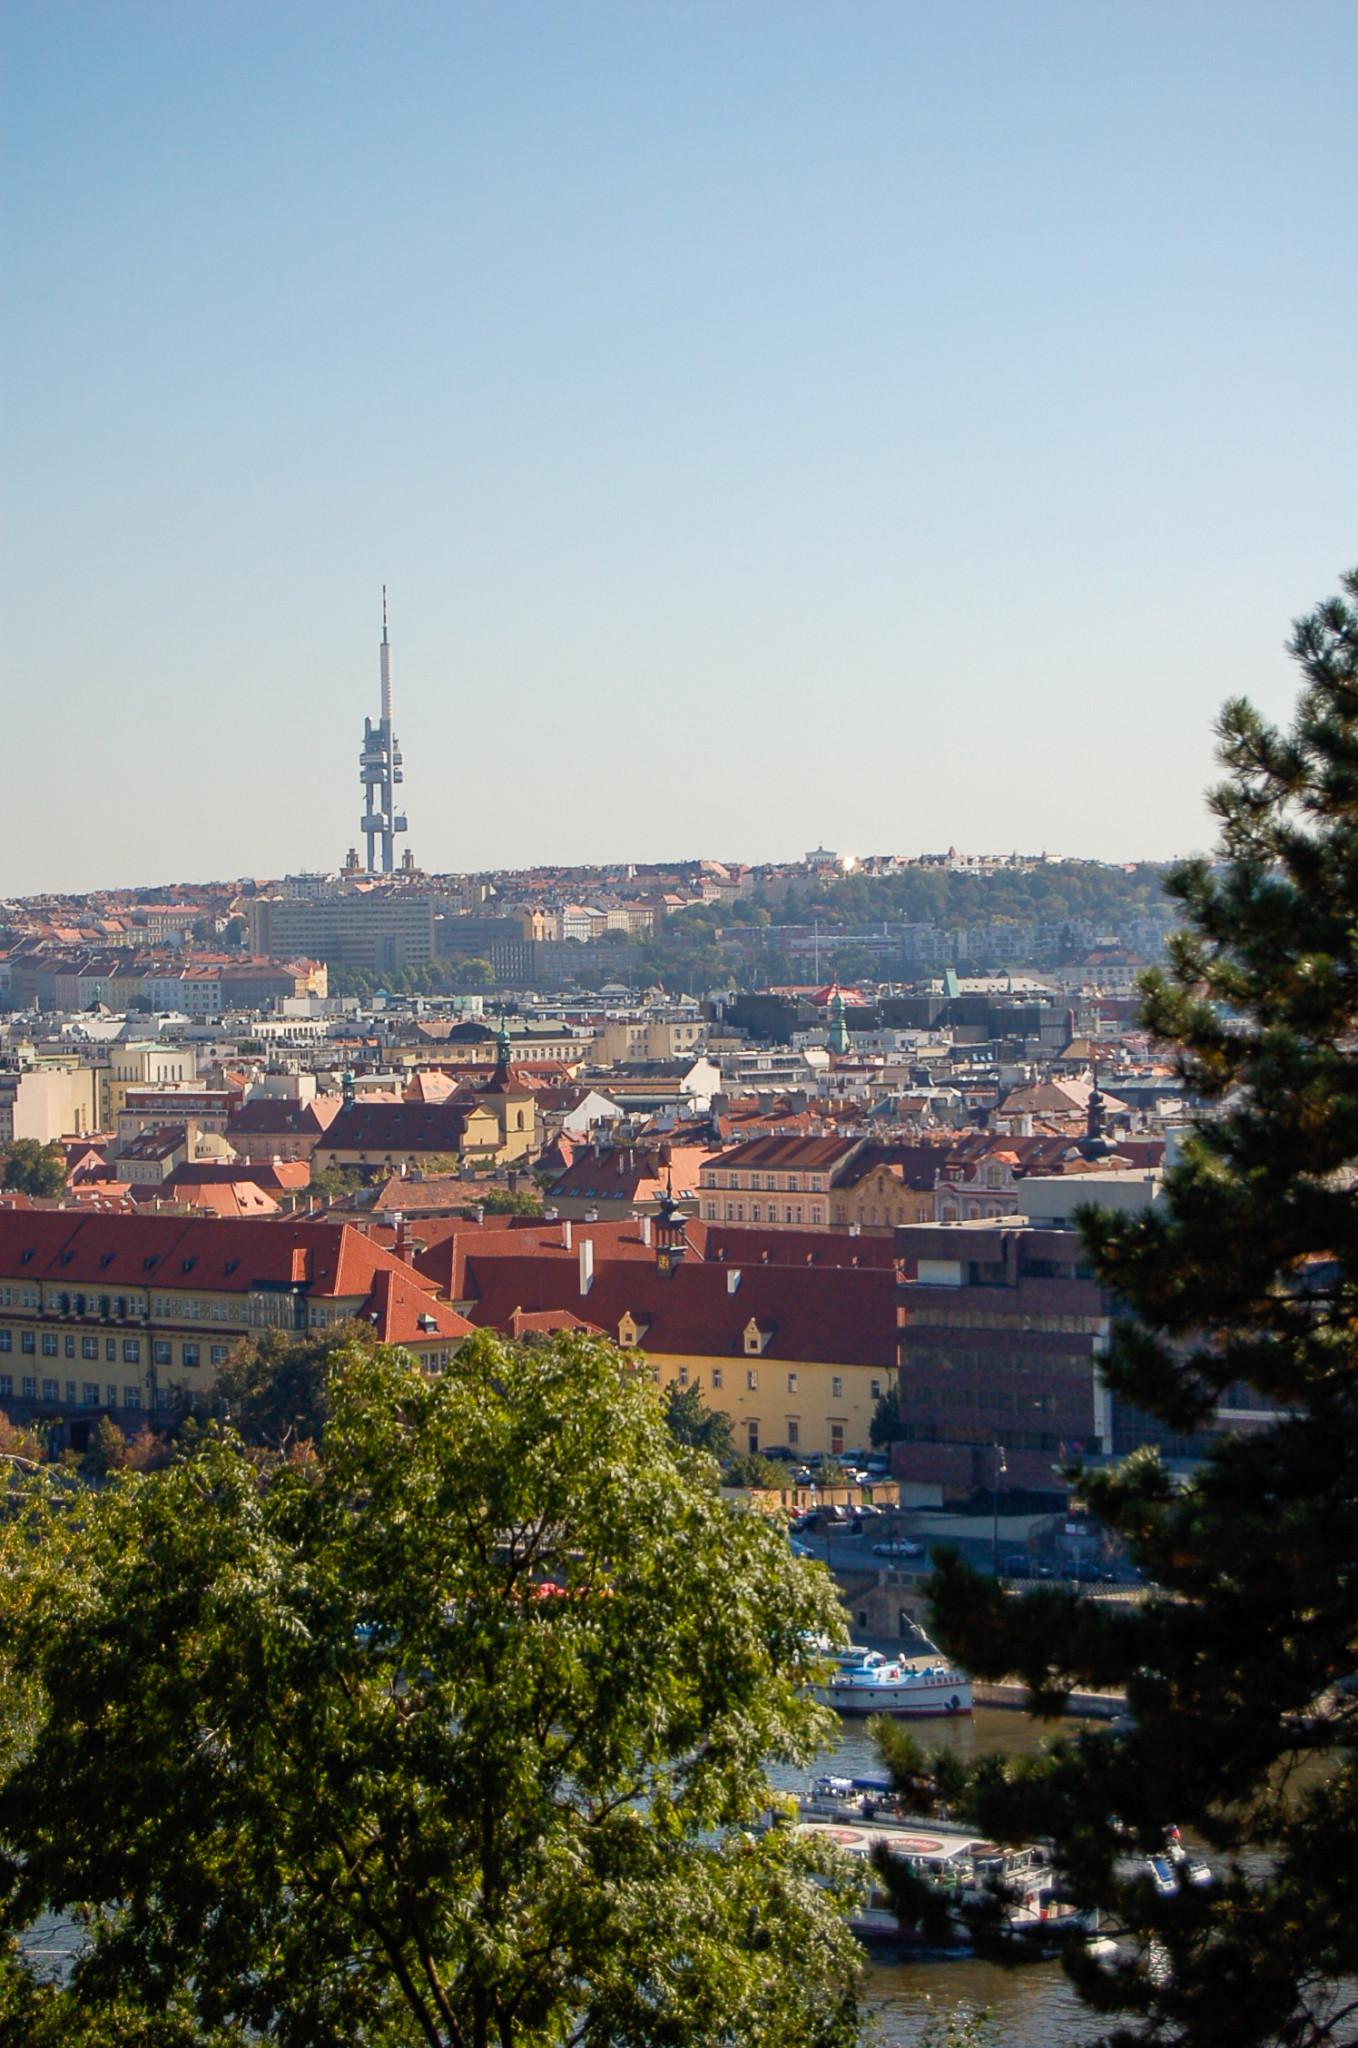 Der Zizkow Tower bzw. Fernsehturm von Prag im Hintergrund